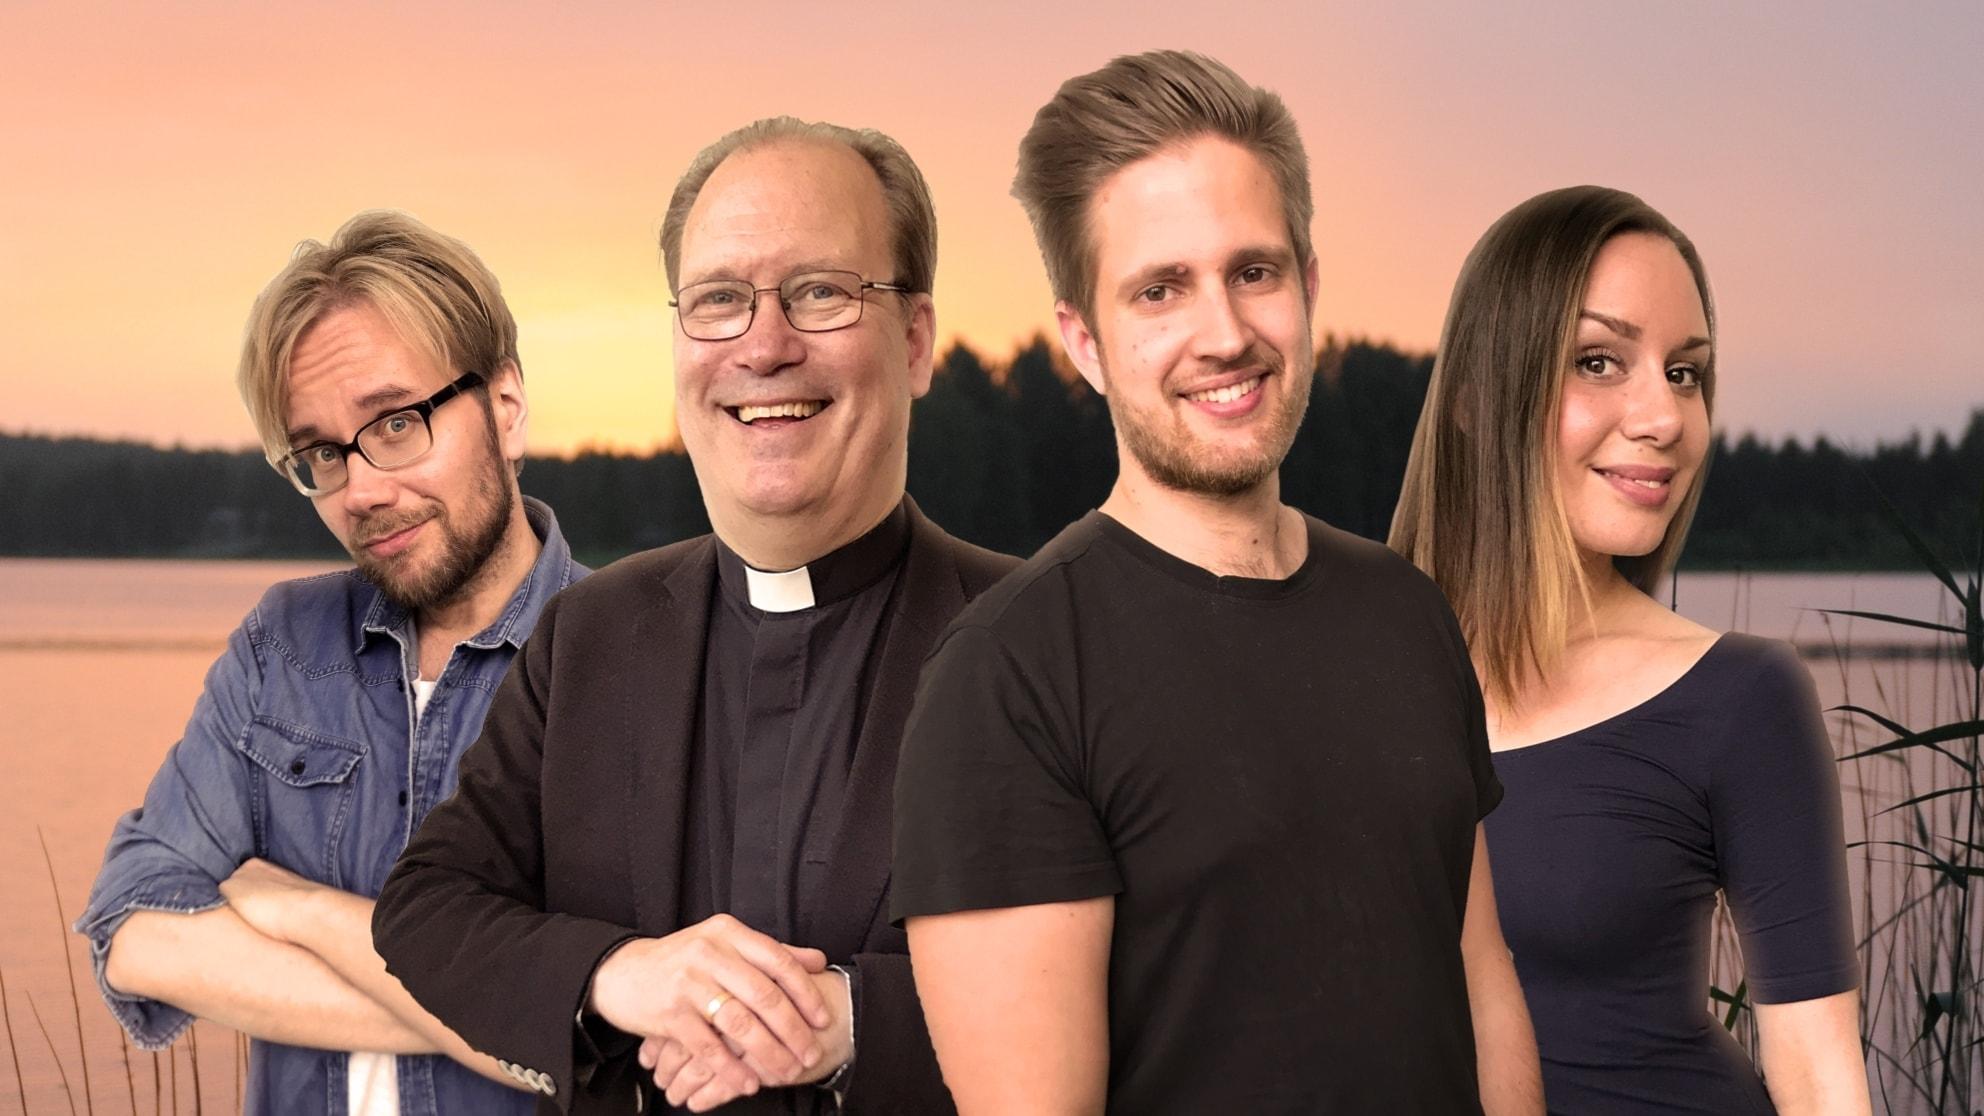 Säsongsavslutning: Popula firar midsommar med en präst och en kompositör